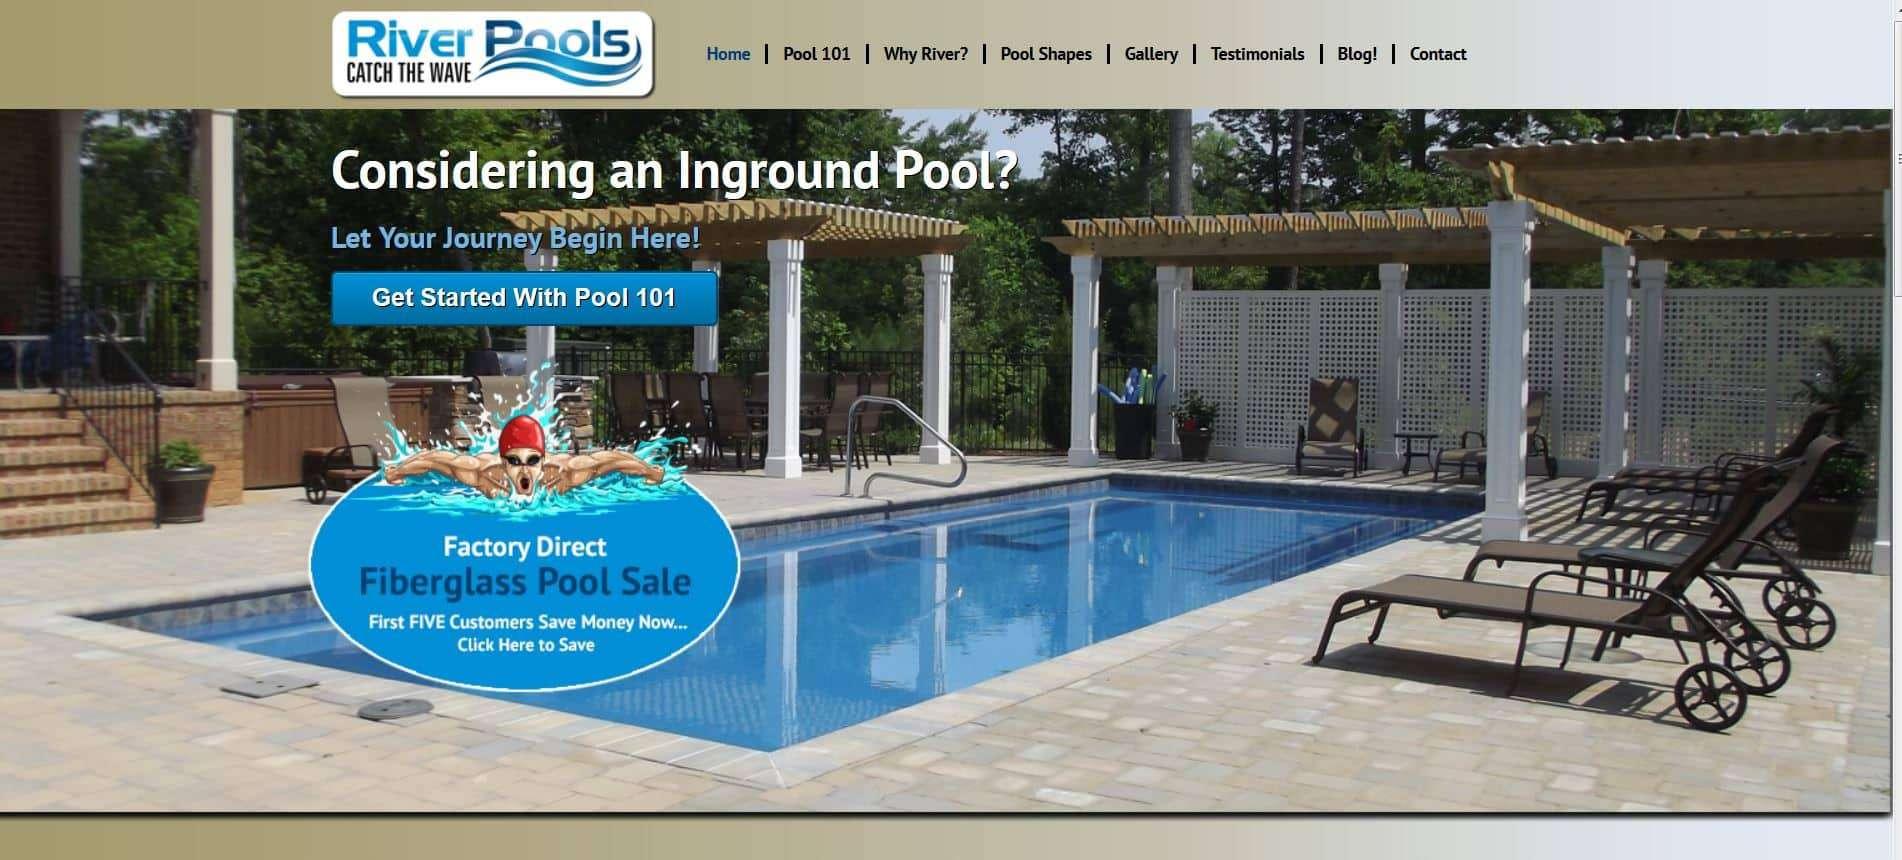 شركة River Pool للمسابح